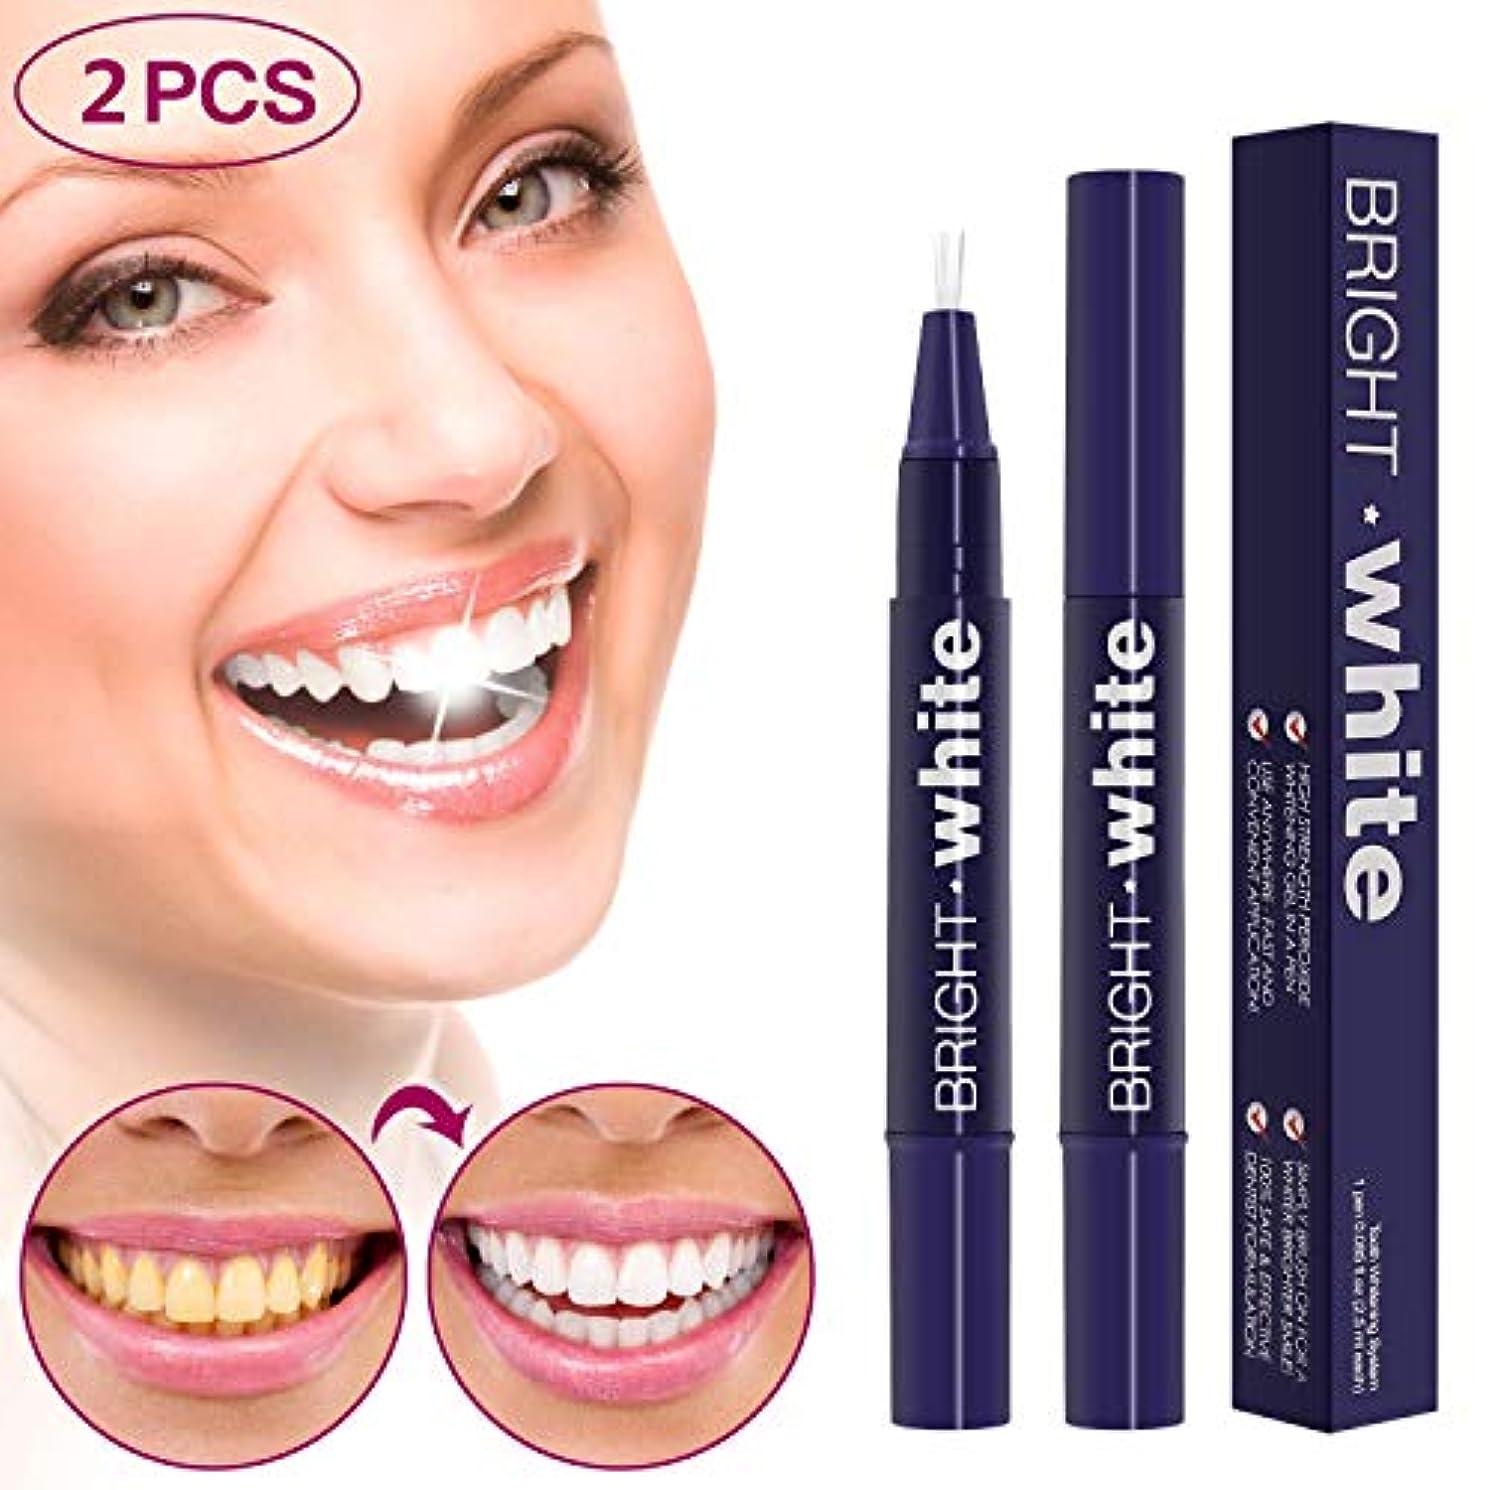 さらに安定したフラスコOdette 2019 歯のホワイトニング 美白歯ゲル 歯 ホワイトニングペン ホワイトニングペン 歯ブラシ 輝く笑顔 口臭防止 歯周病防止 2本